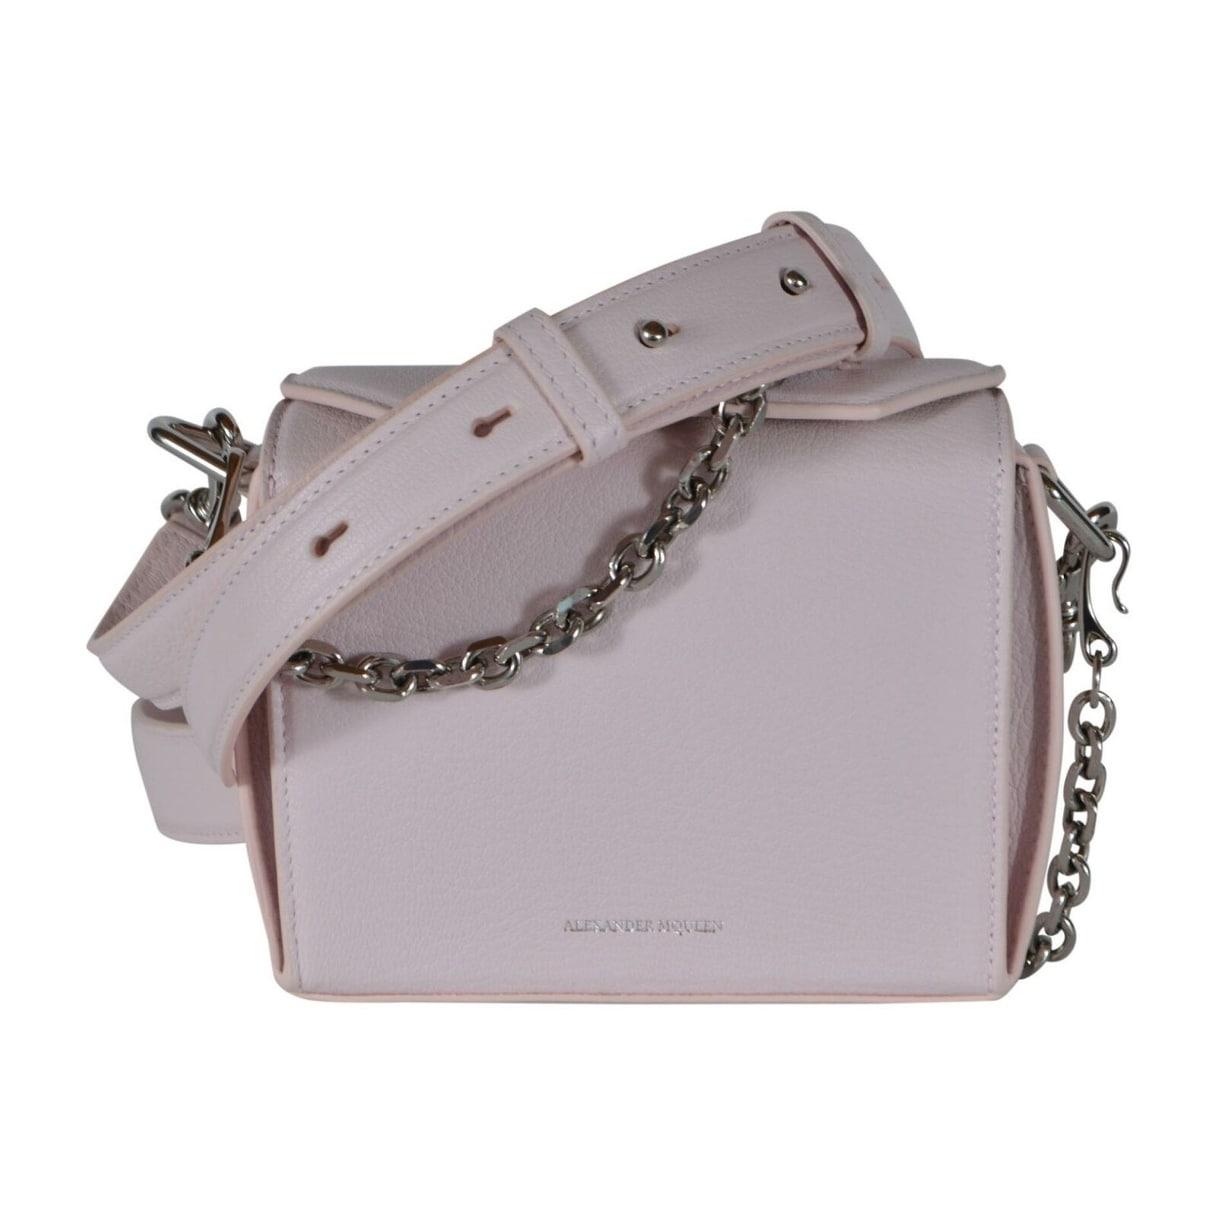 Alexander Mcqueen 479767 Pink Leather